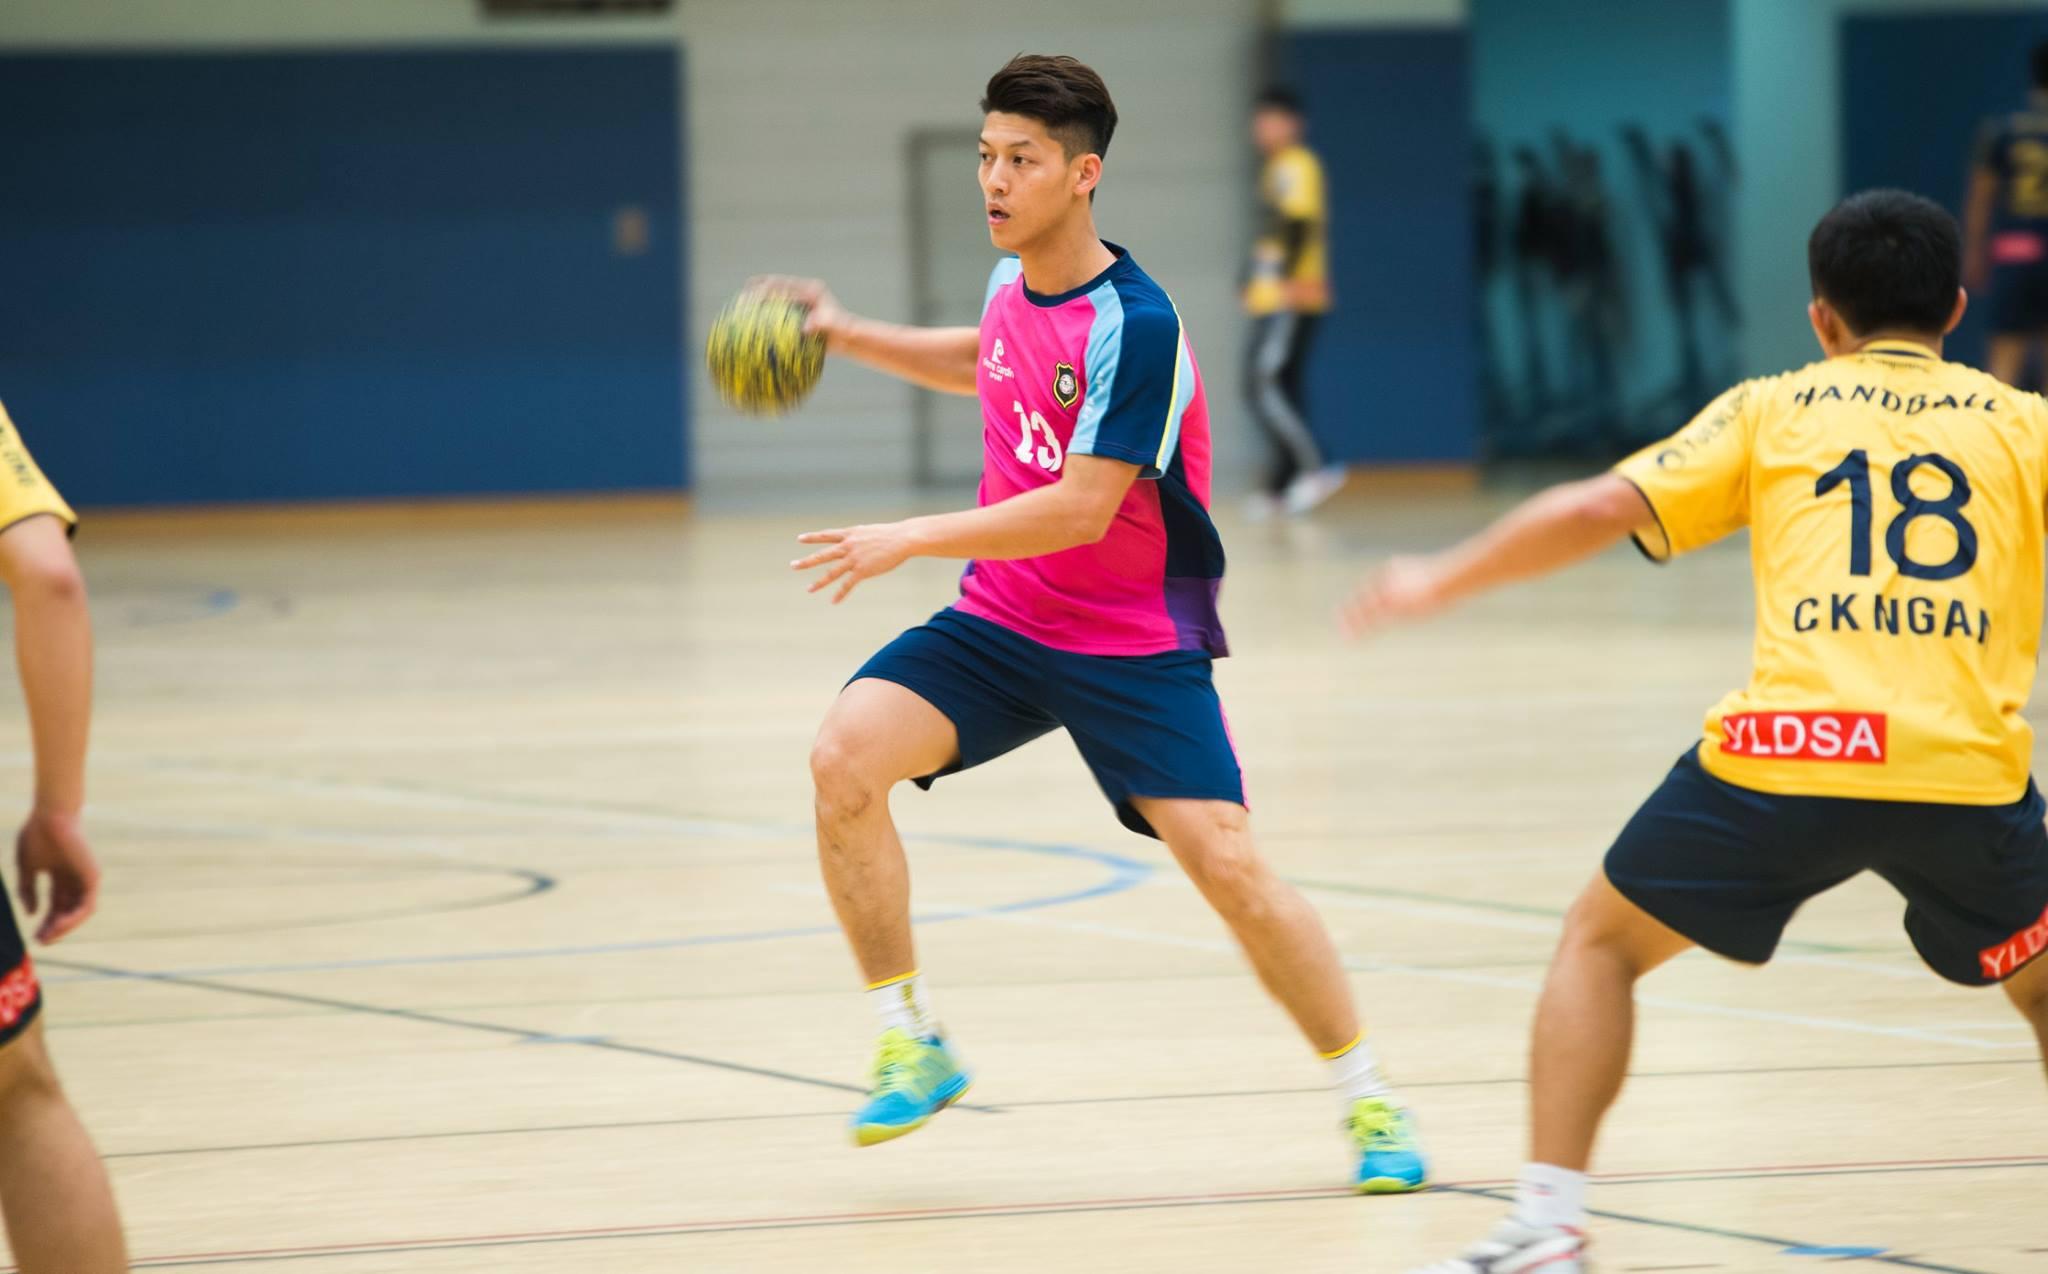 2015-2016手球香港男子联赛年度甲1组元朗体育vs羽毛球业余赛图片